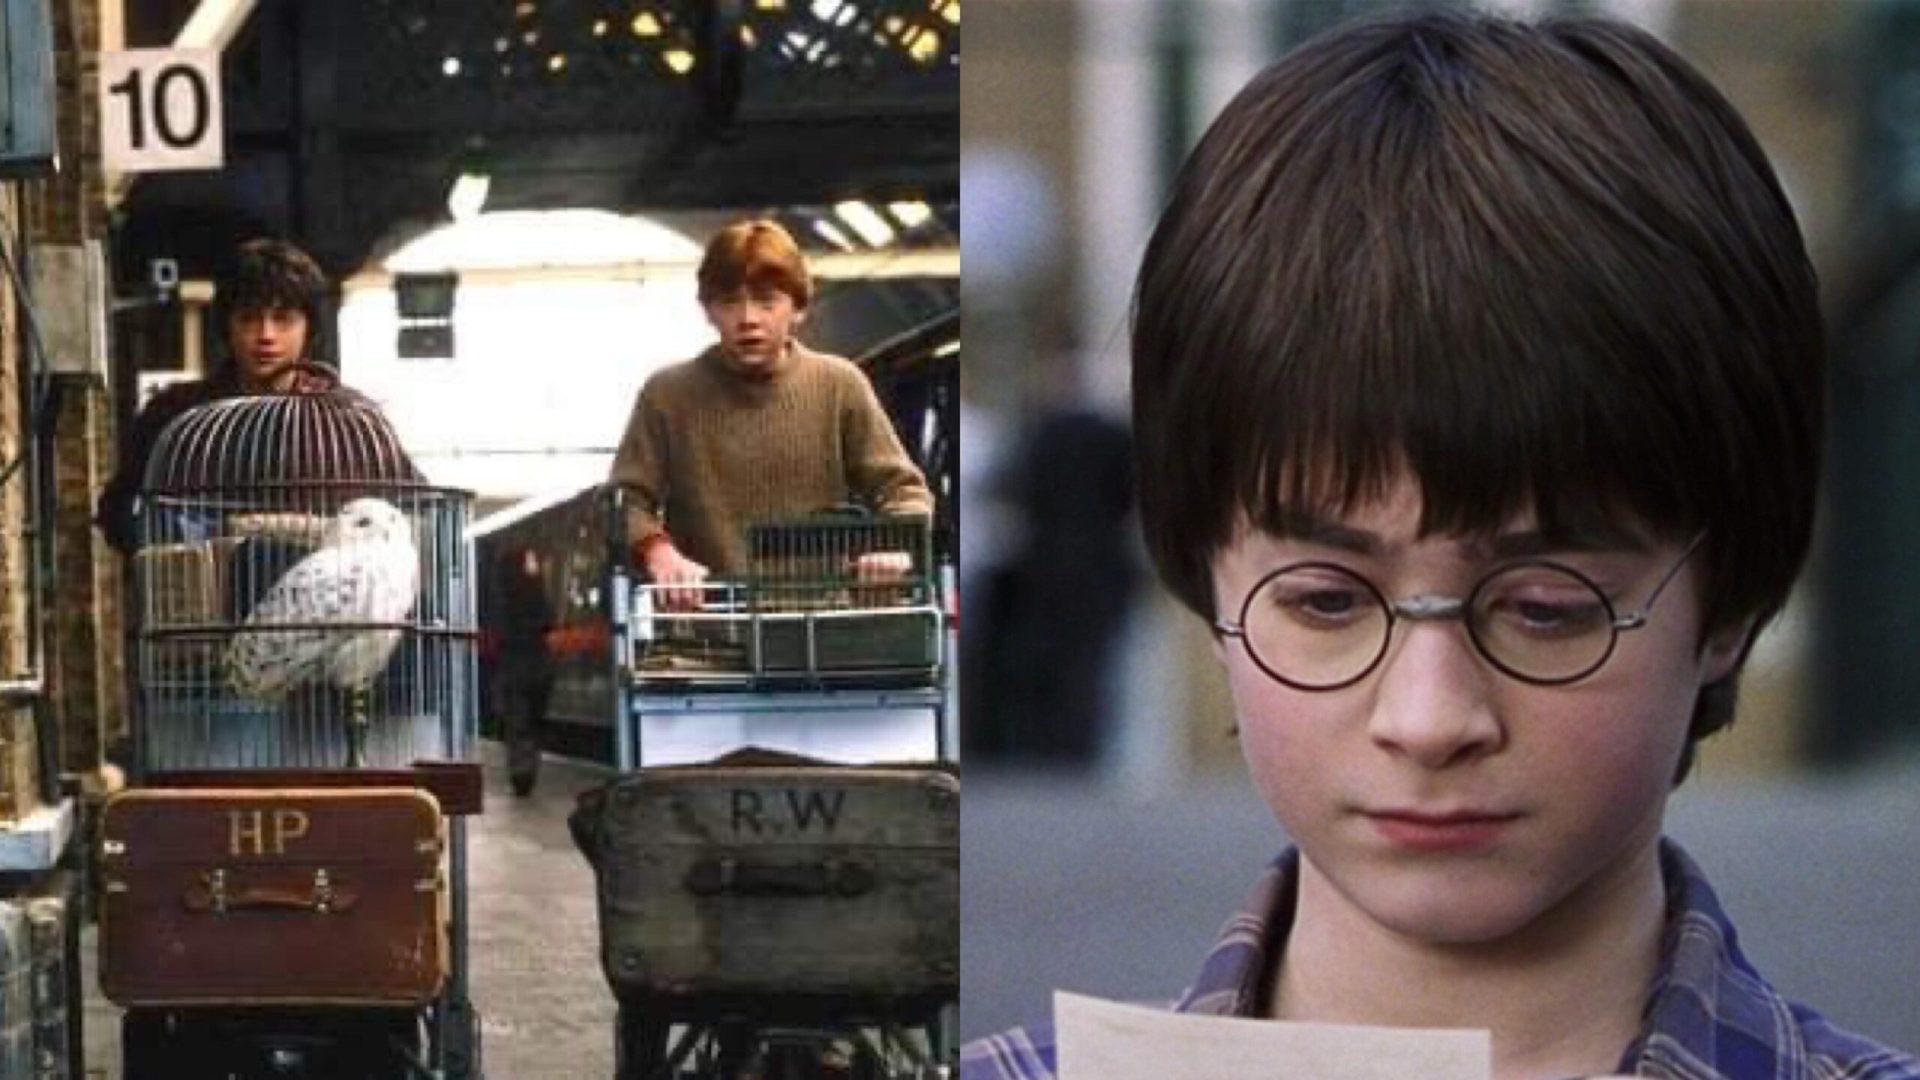 《哈利波特》為什麼是「九又四分之三月台」,而不是二分之一或其他數字呢? – 我們用電影寫日記